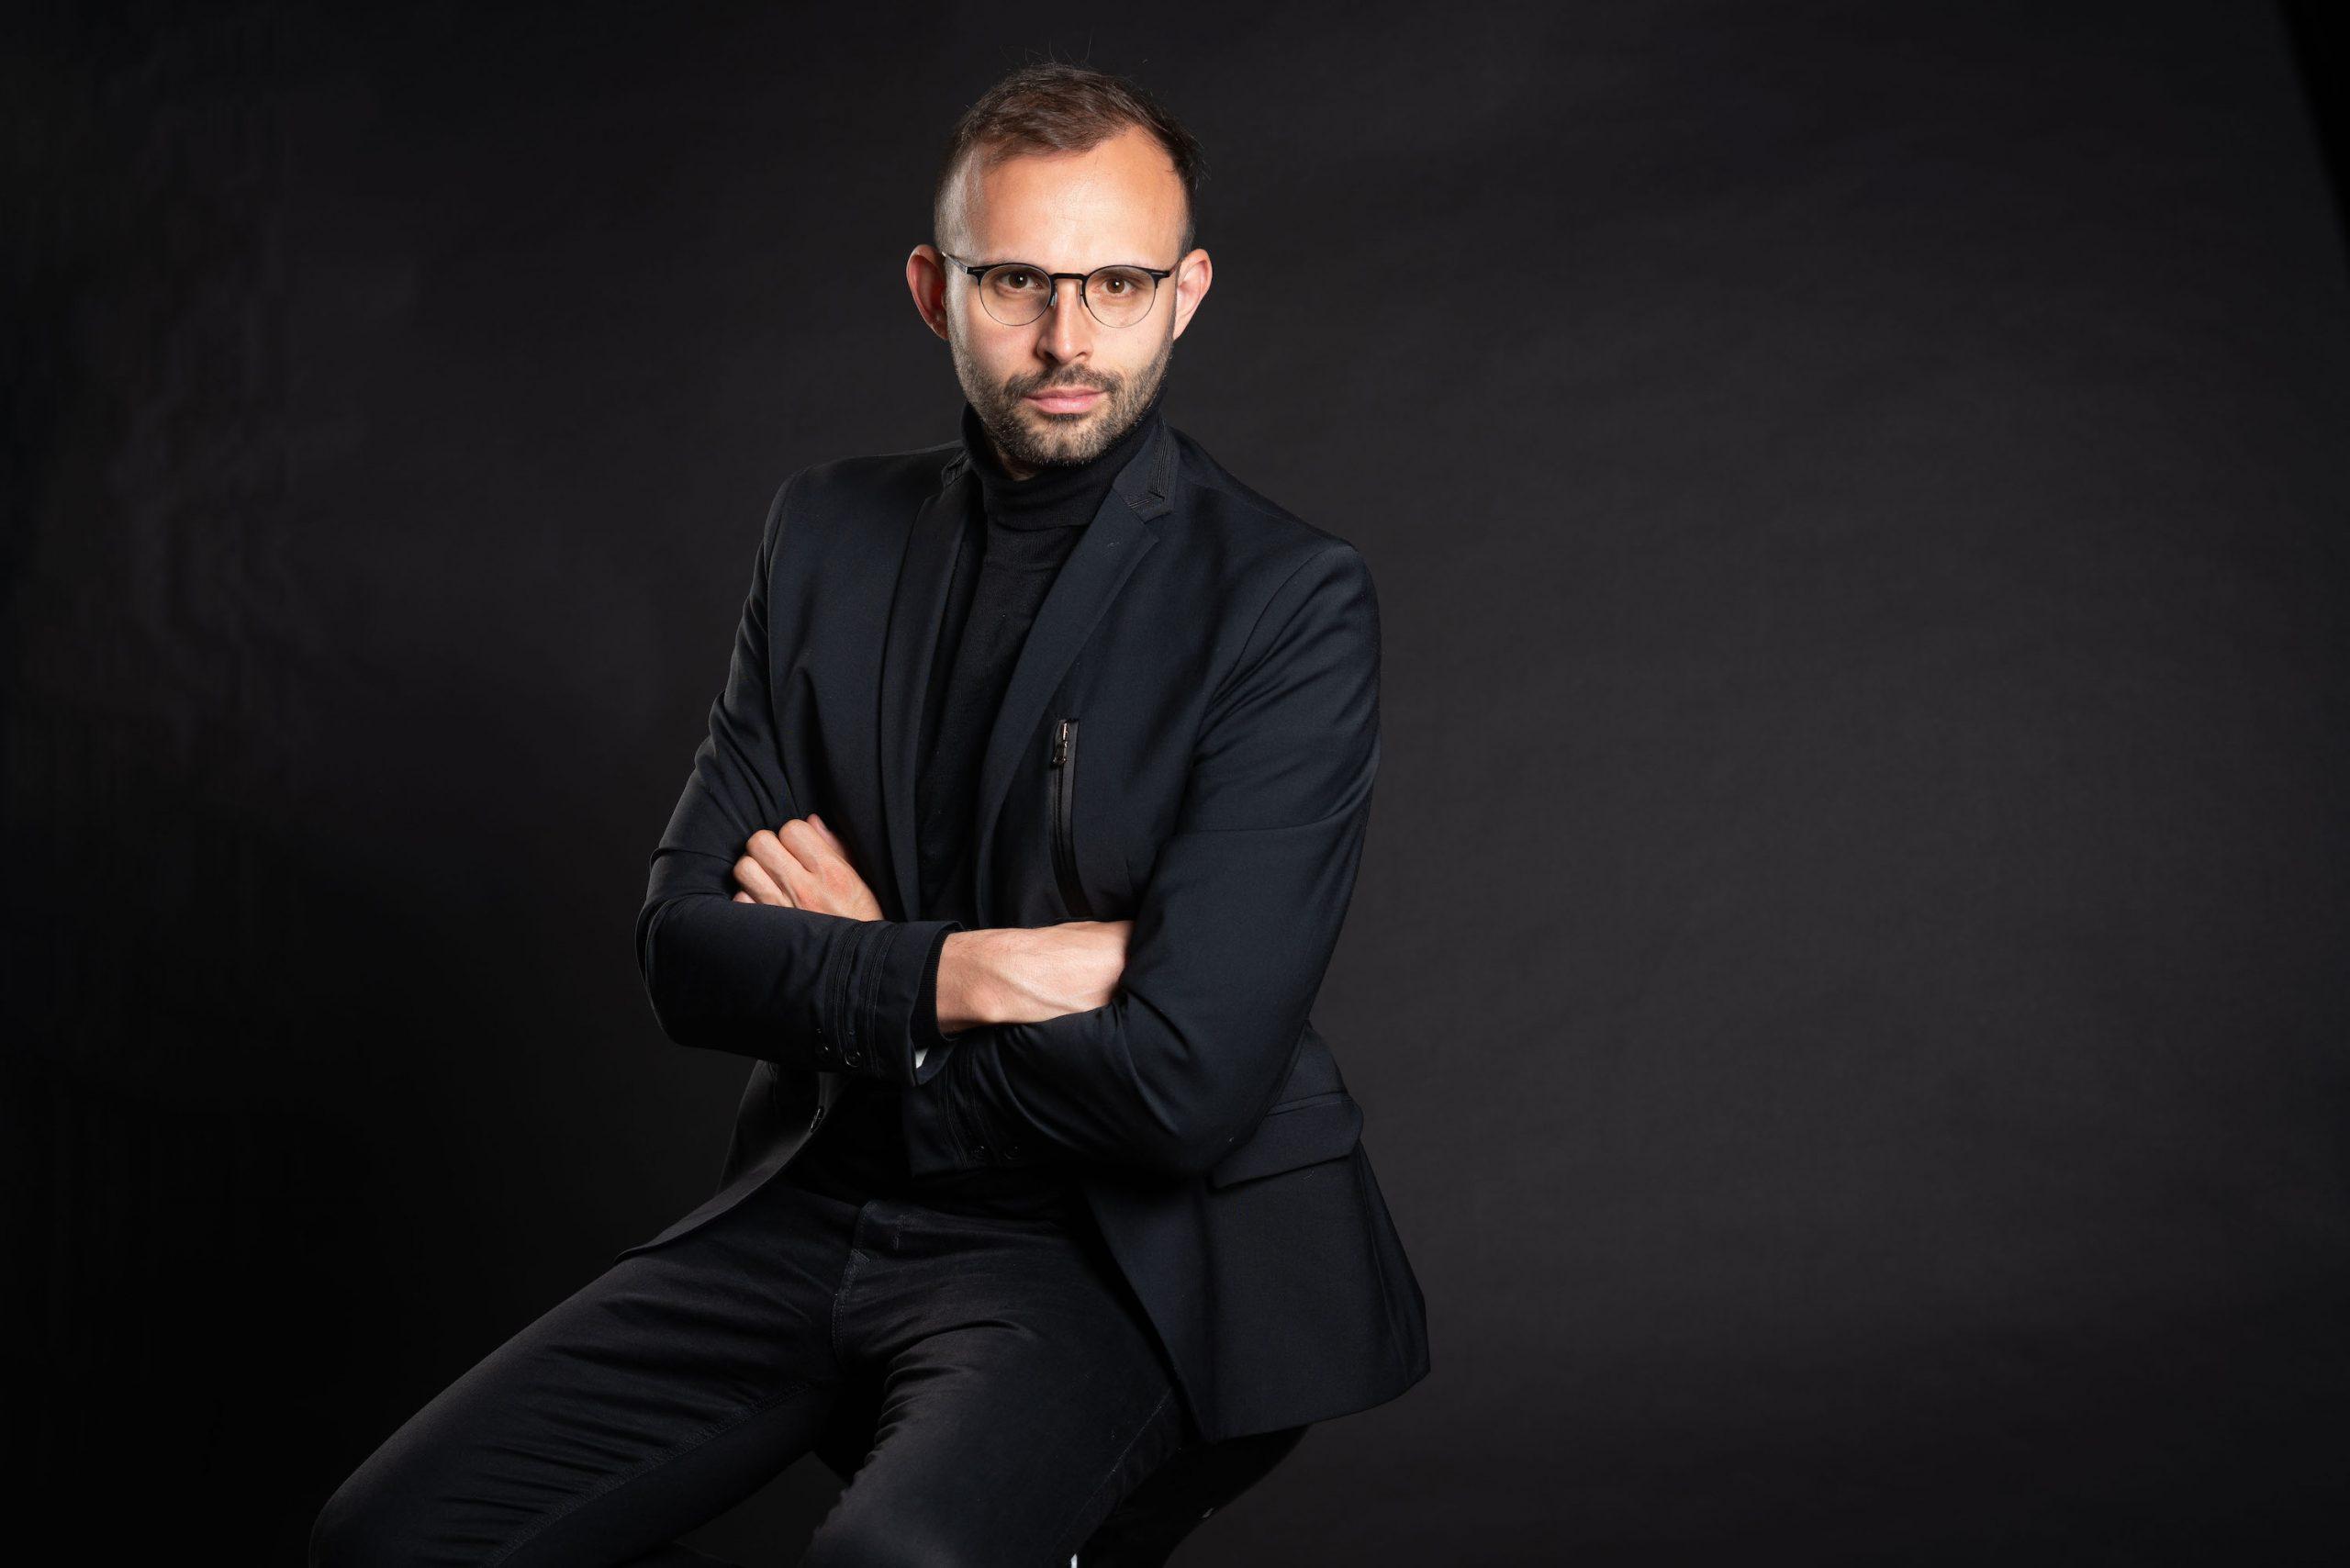 """Comunicat de presă. Mihai Nica, antreprenor: """"Consider că, dacă ești antreprenor, trebuie să poți să gestionezi orice business, nu contează culoarea sau forma lui. Pașii sunt aceiași"""""""